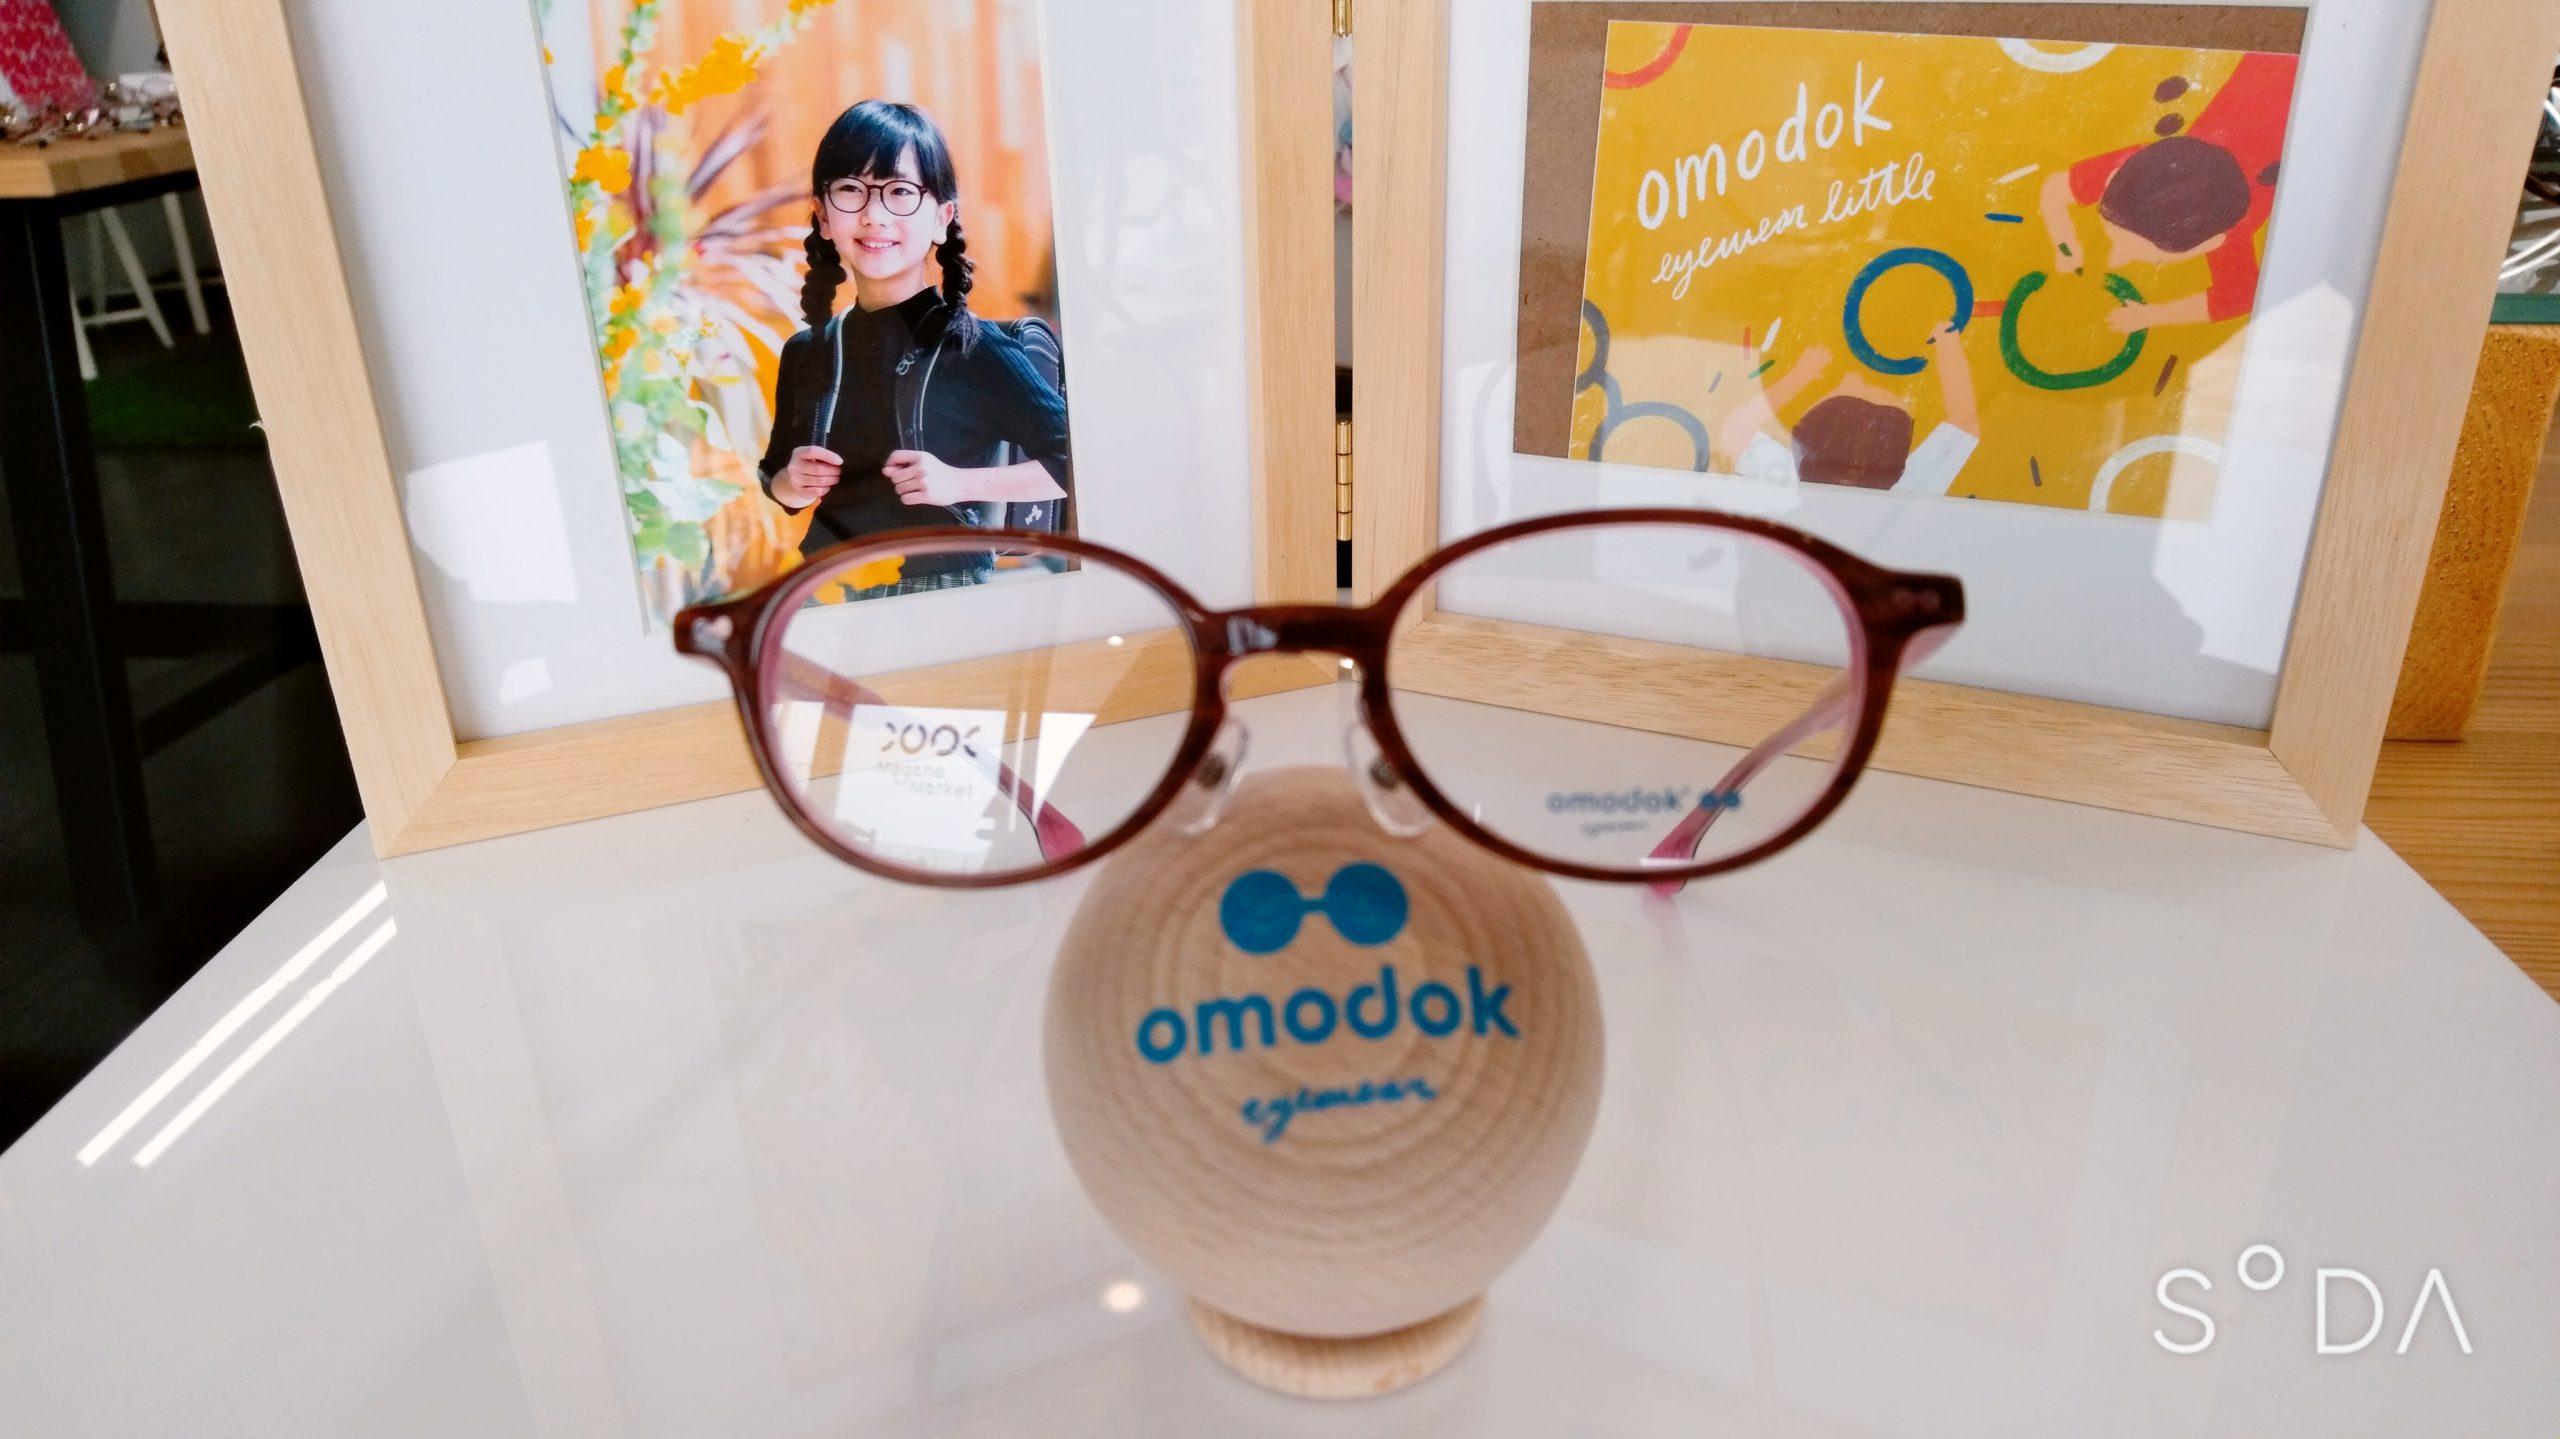 こどもめがね 子供 眼鏡 メガネ サングラス 調光 偏光 アーツ ブルーライトカット くもりにくい レンズ